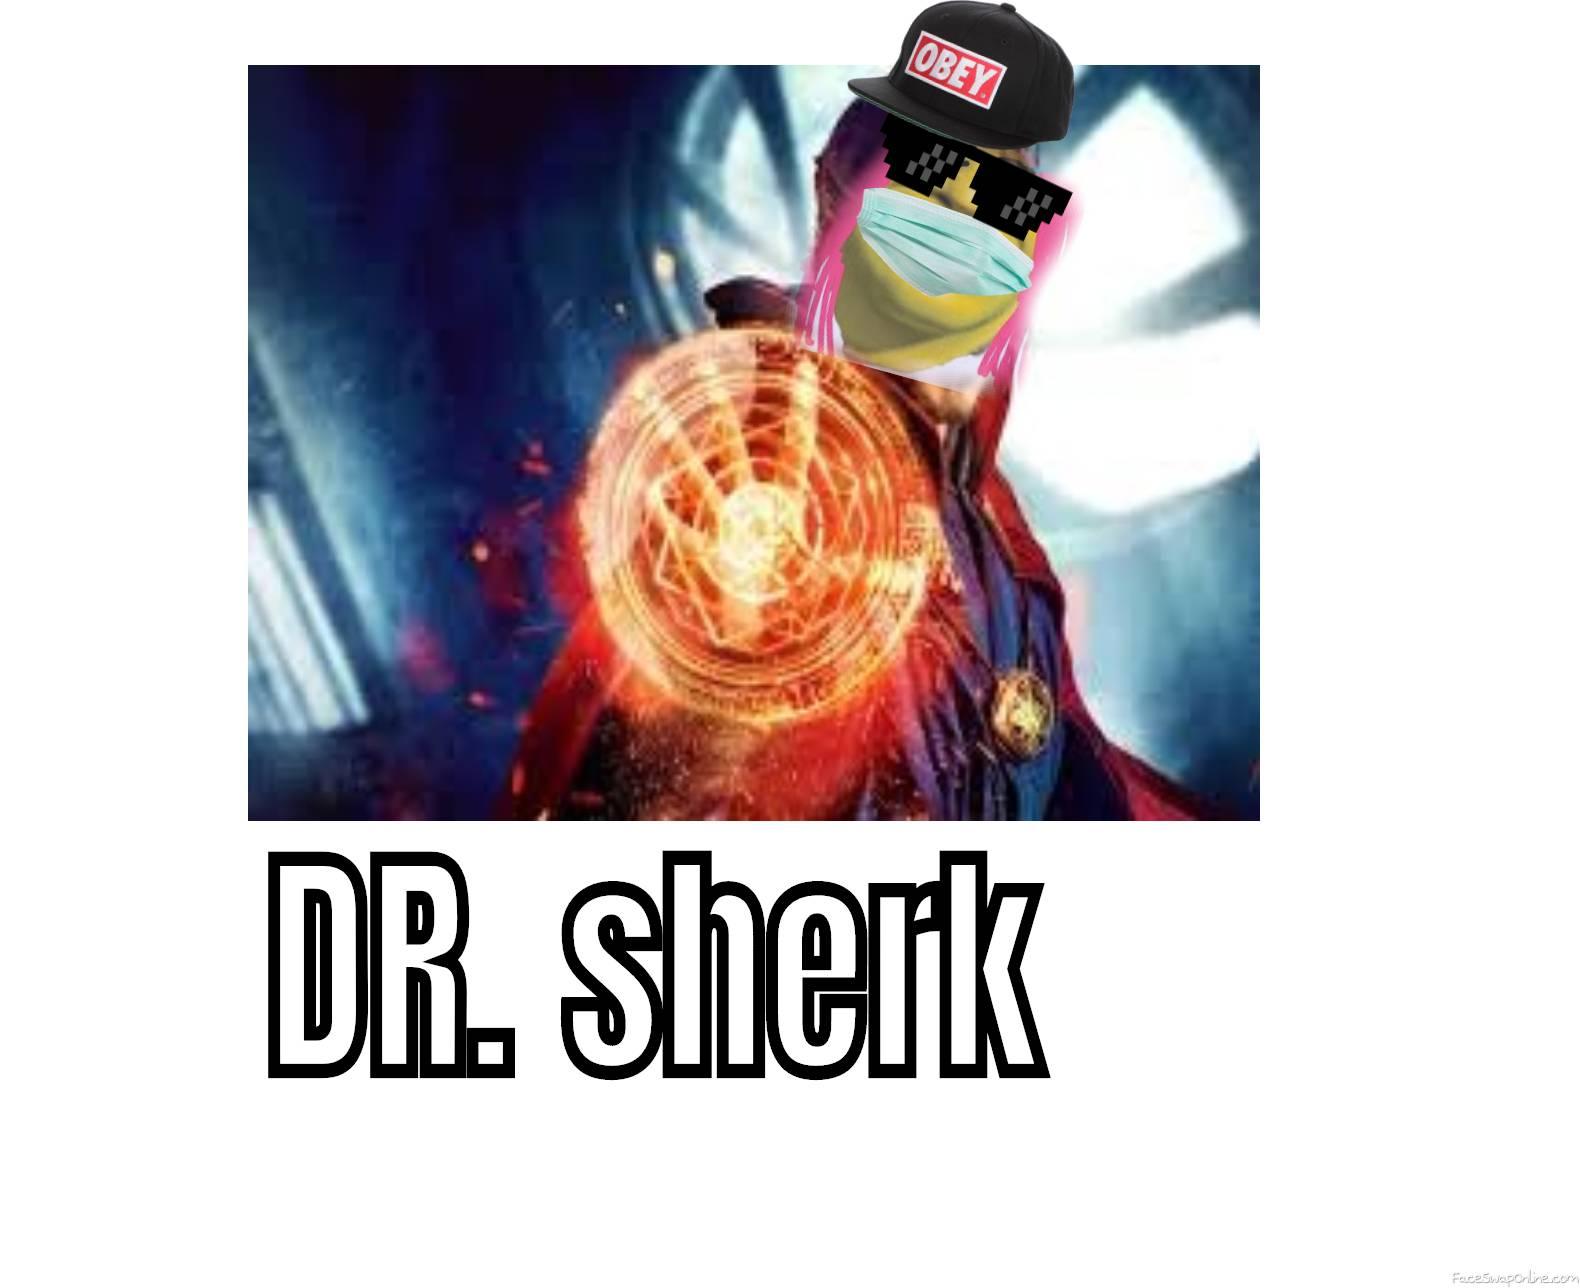 dr sherk